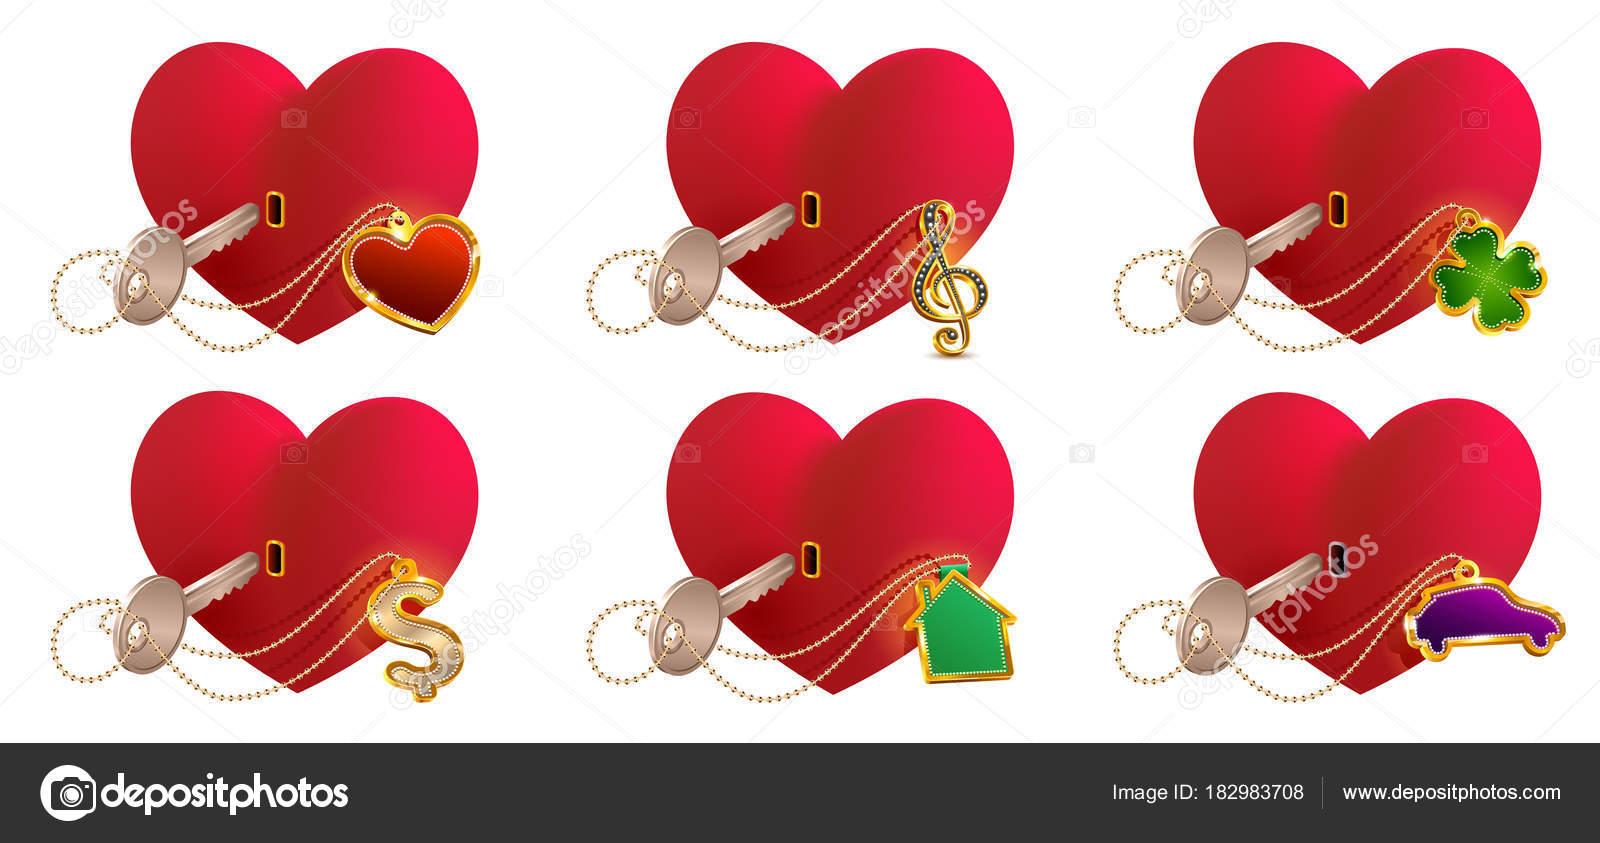 Key love is to open heart shaped lock valentines day heart symbol key love is to open heart shaped lock valentines day heart symbol love stock buycottarizona Gallery